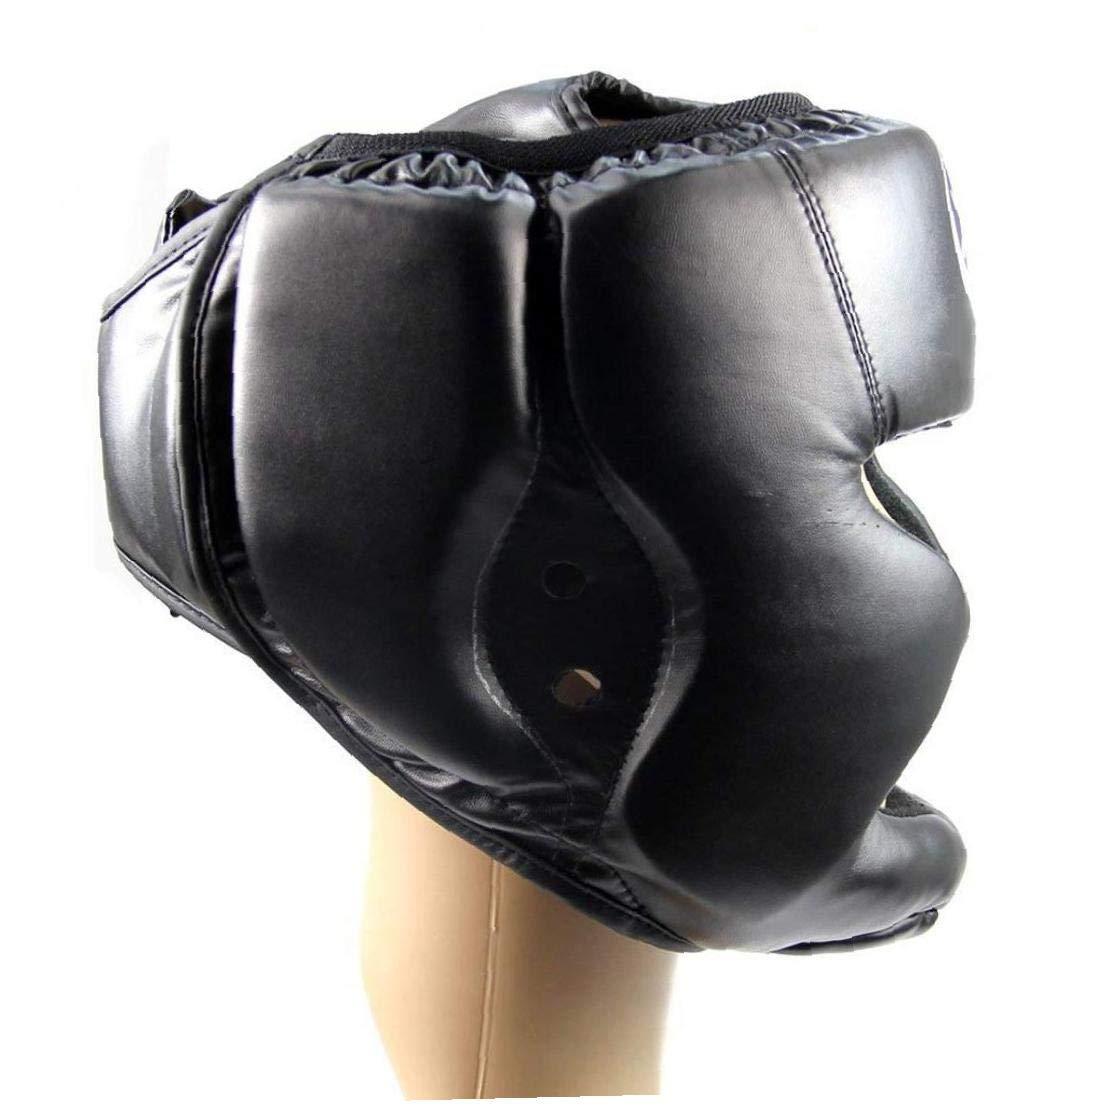 Regolabile Buona copricapo della testa del casco formazione Kick Boxing protezione degli ingranaggi nero